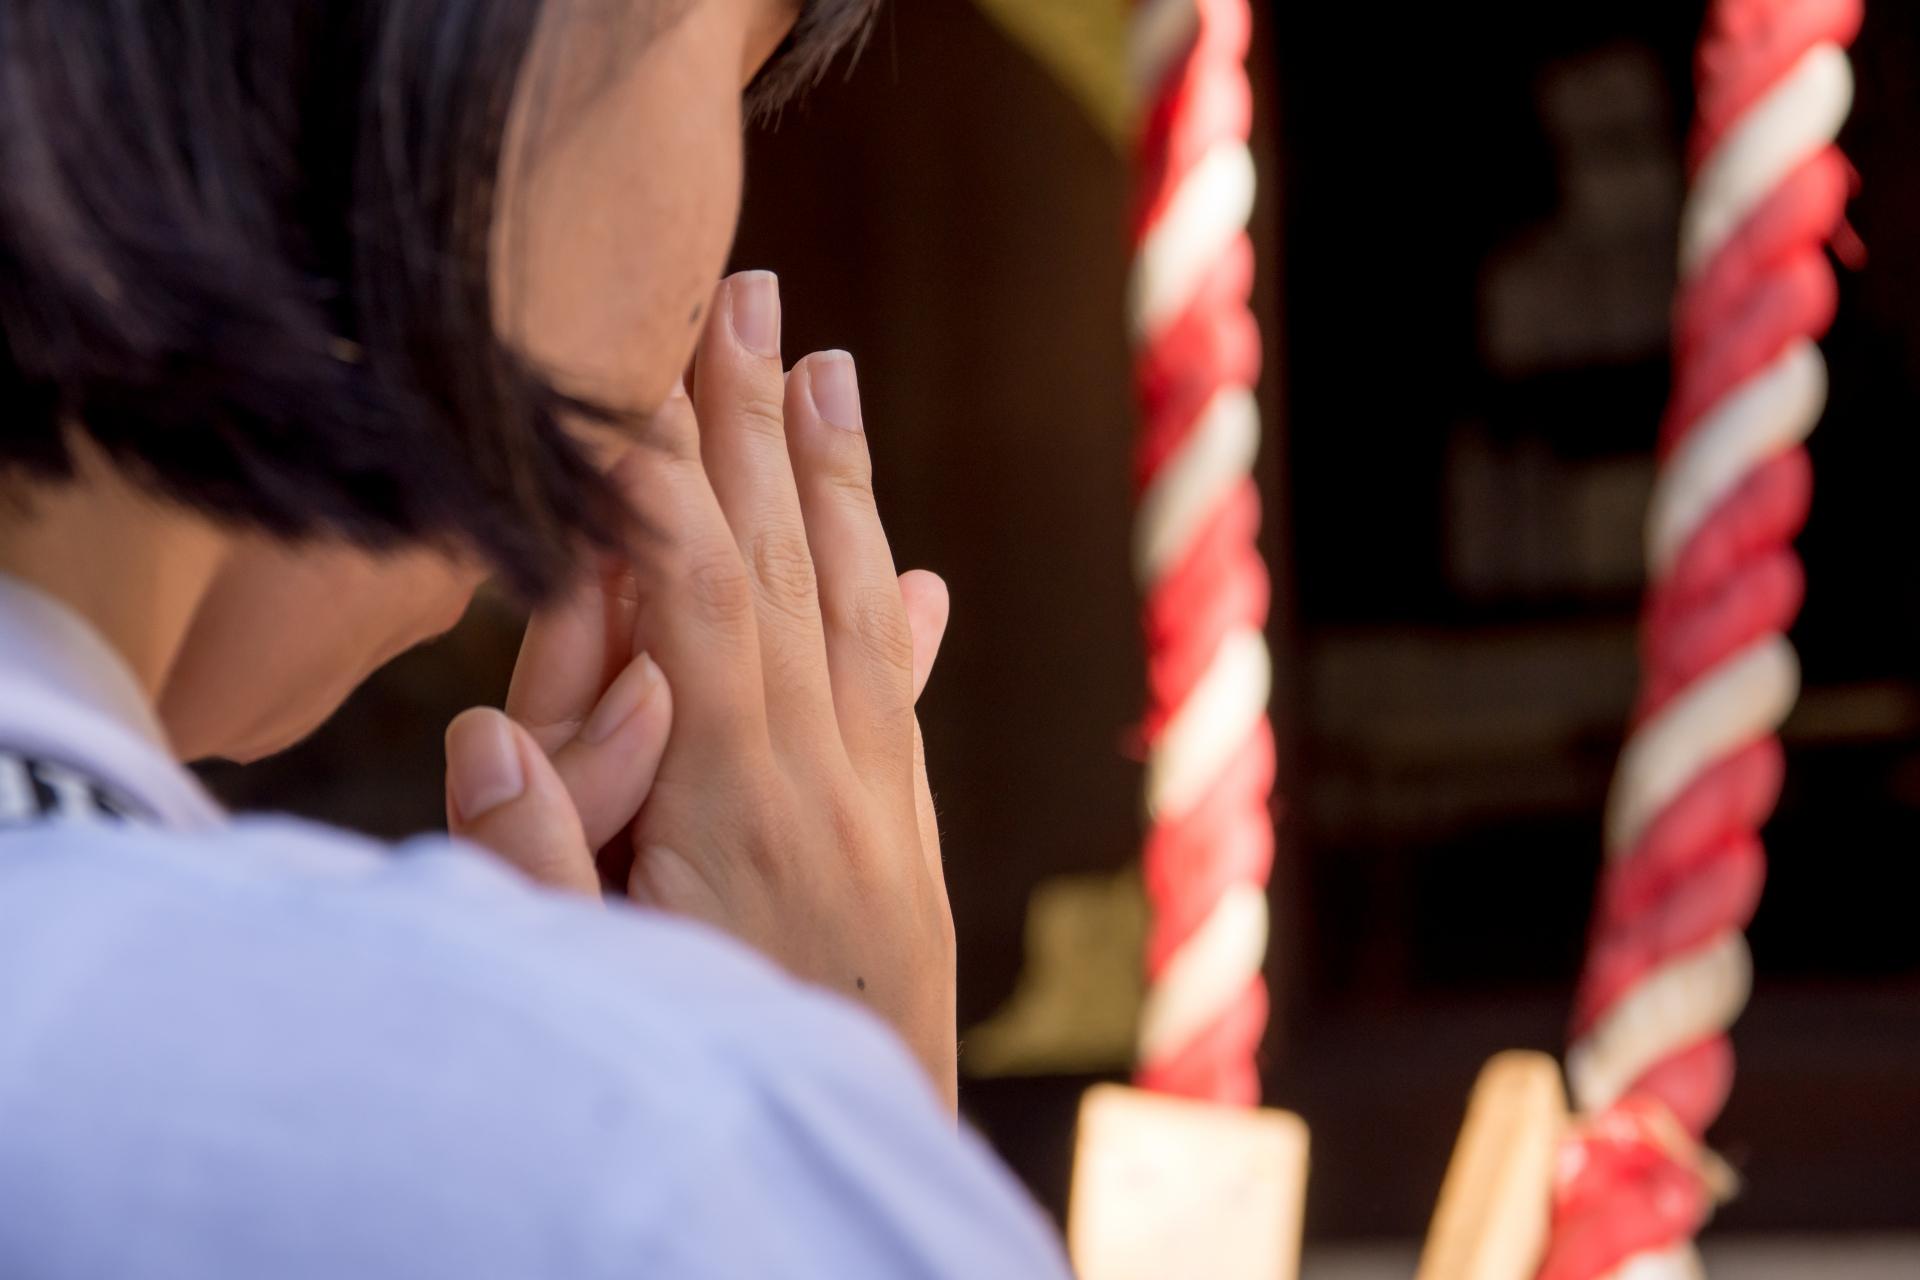 高崎神社の御朱印やお守りをまとめて紹介!駐車場やアクセスもレクチャー!